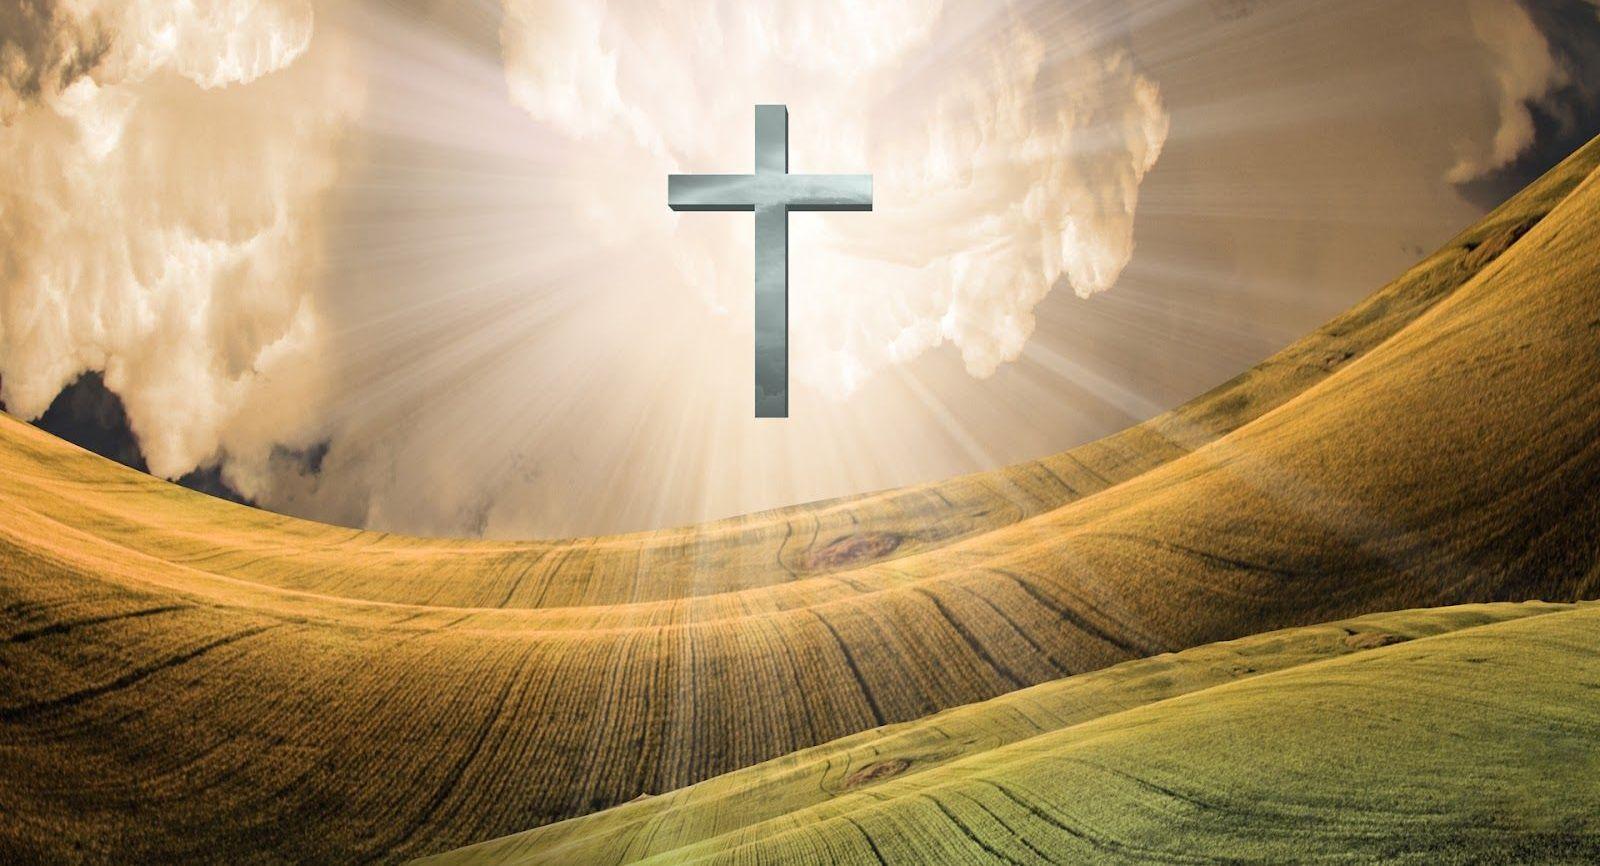 ¡Fuerte Advertencia! Terminó el Tiempo de la Misericordia y ahora Jesús viene como Justo Juez